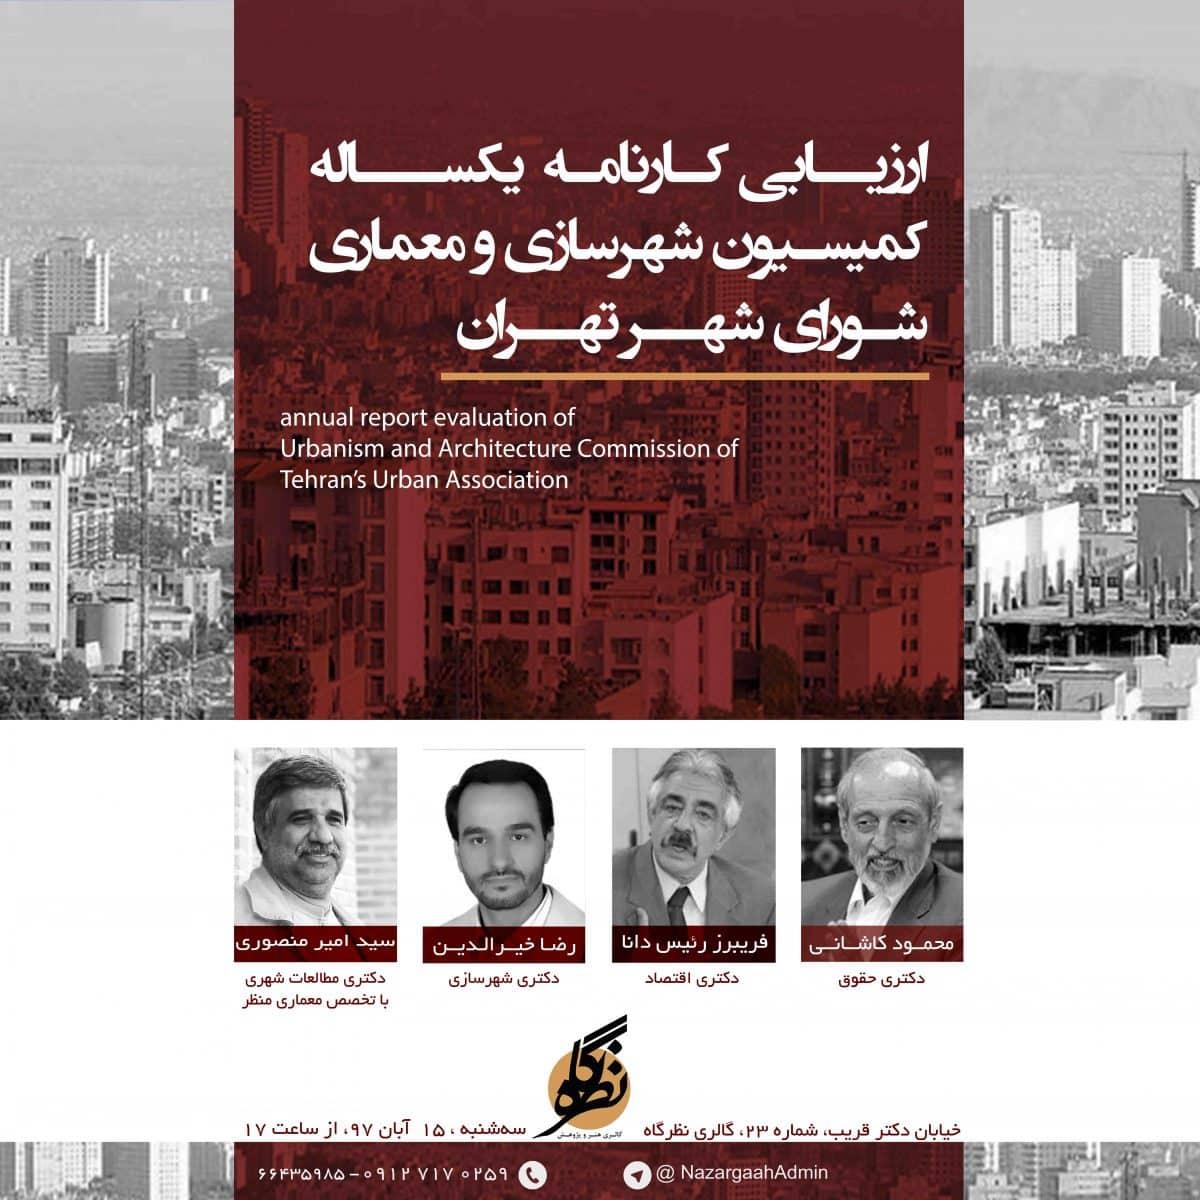 ارزیابی کارنامۀ یکسالۀ کمیسیون معماری و شهرسازی شورای شهر تهران